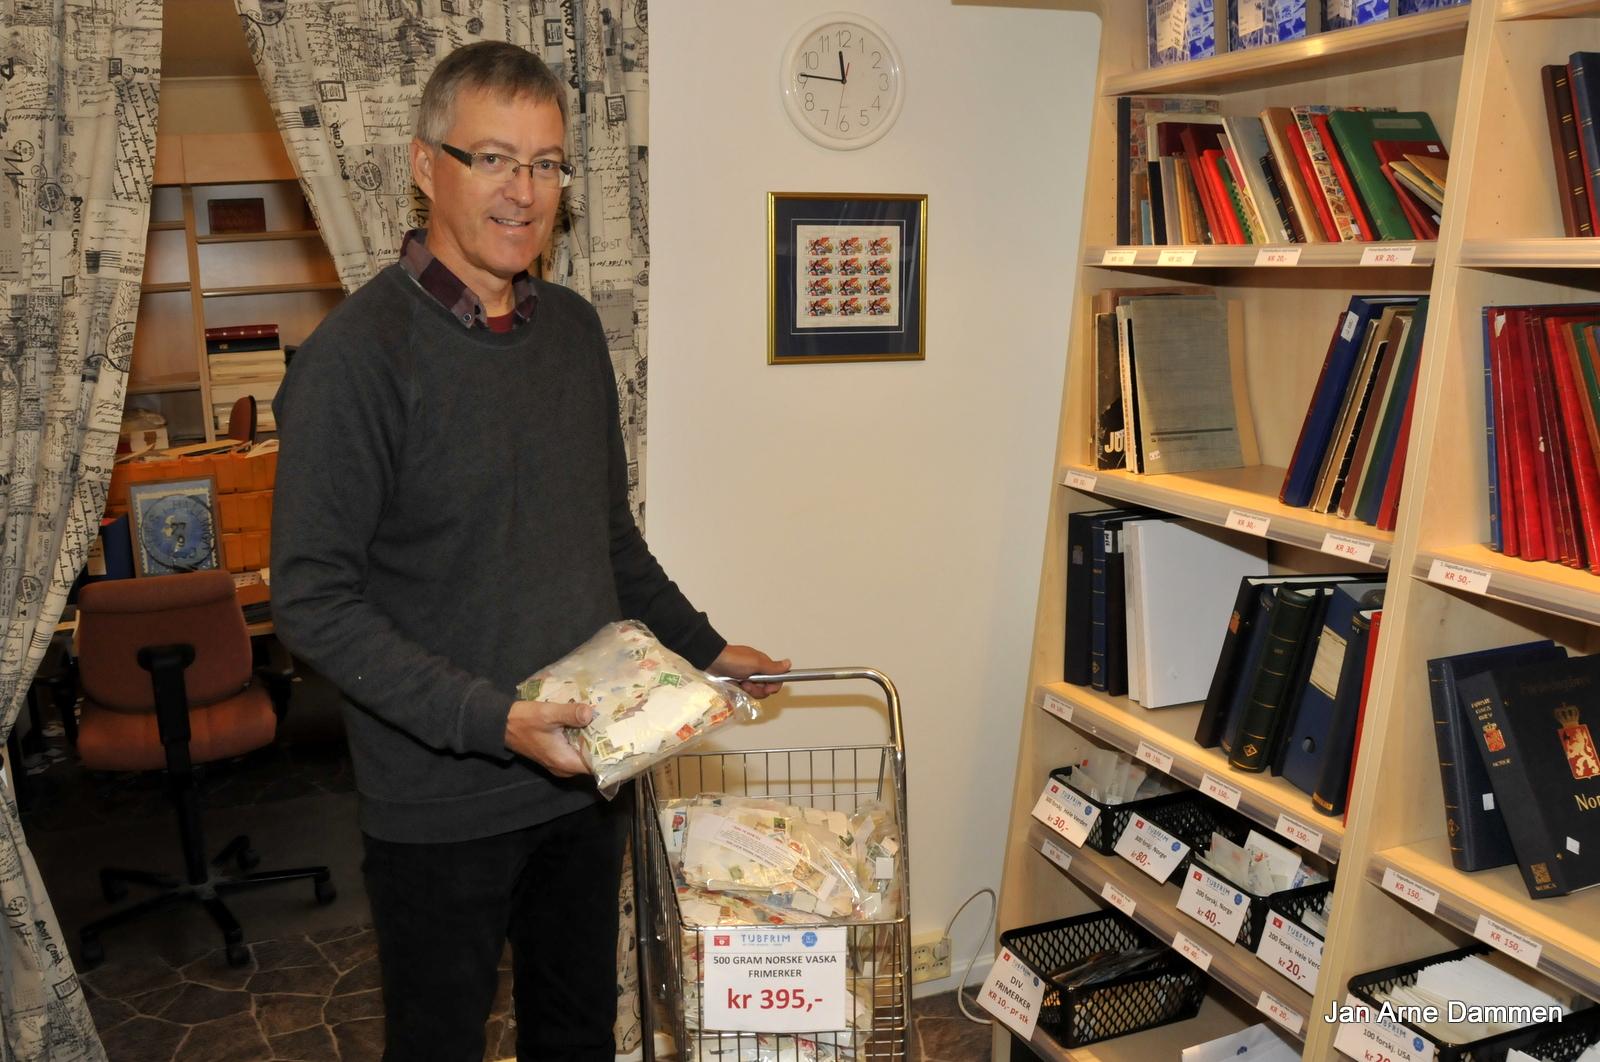 I butikken på Nesbyen og i vår nettbutikk vil man finne spennende frimerkesamlinger som vi har fått, enten fra dødsbo eller fra frimerkesamlere som har avsluttet samlingen, forteller Kåre Myro. Foto Jan Arne Dammen